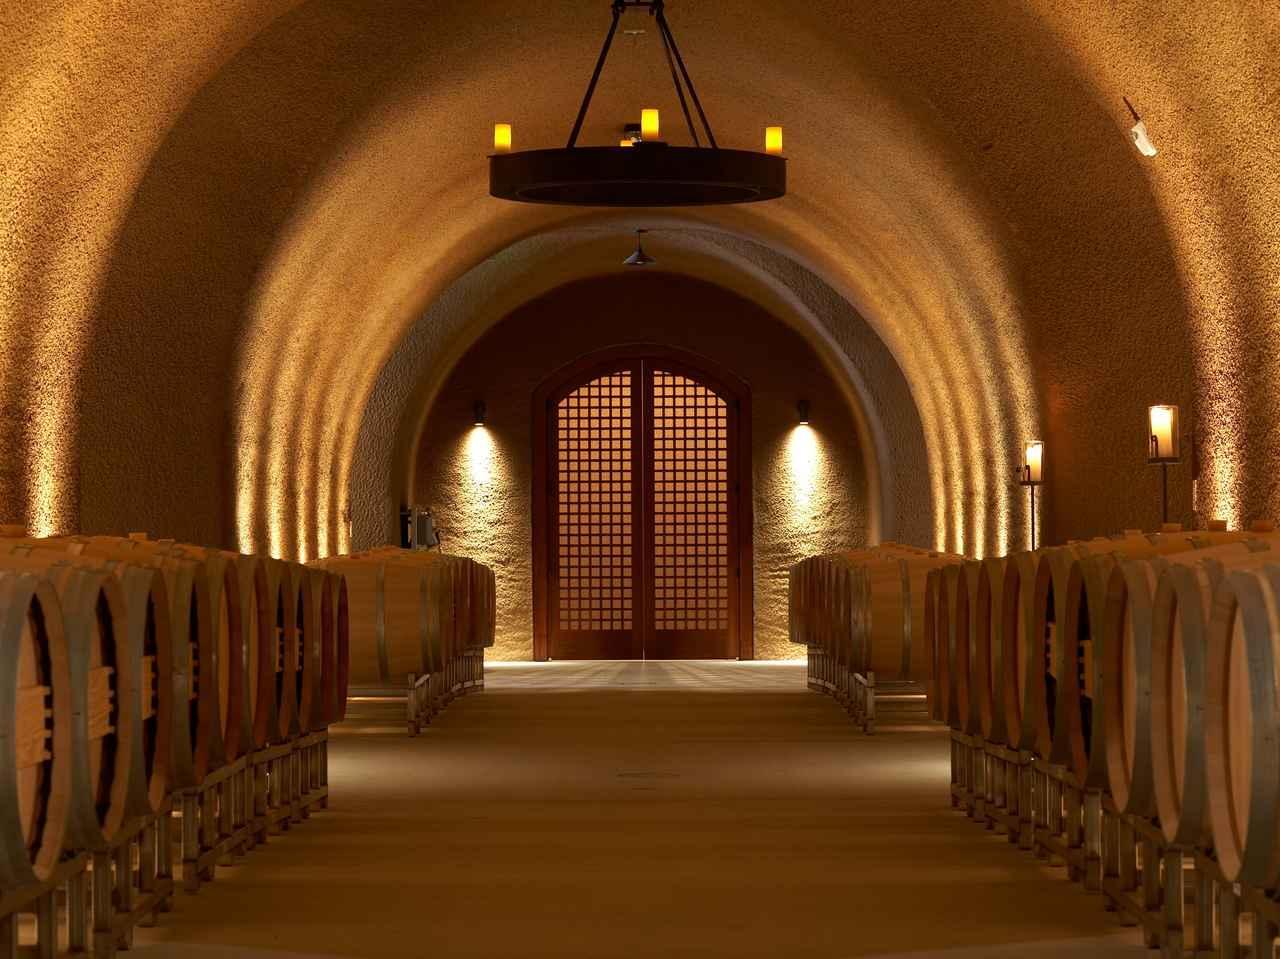 画像: ひんやりと肌を伝ってくる冷気が心地良い自然の冷気でワインの熟成を見守るケイブ